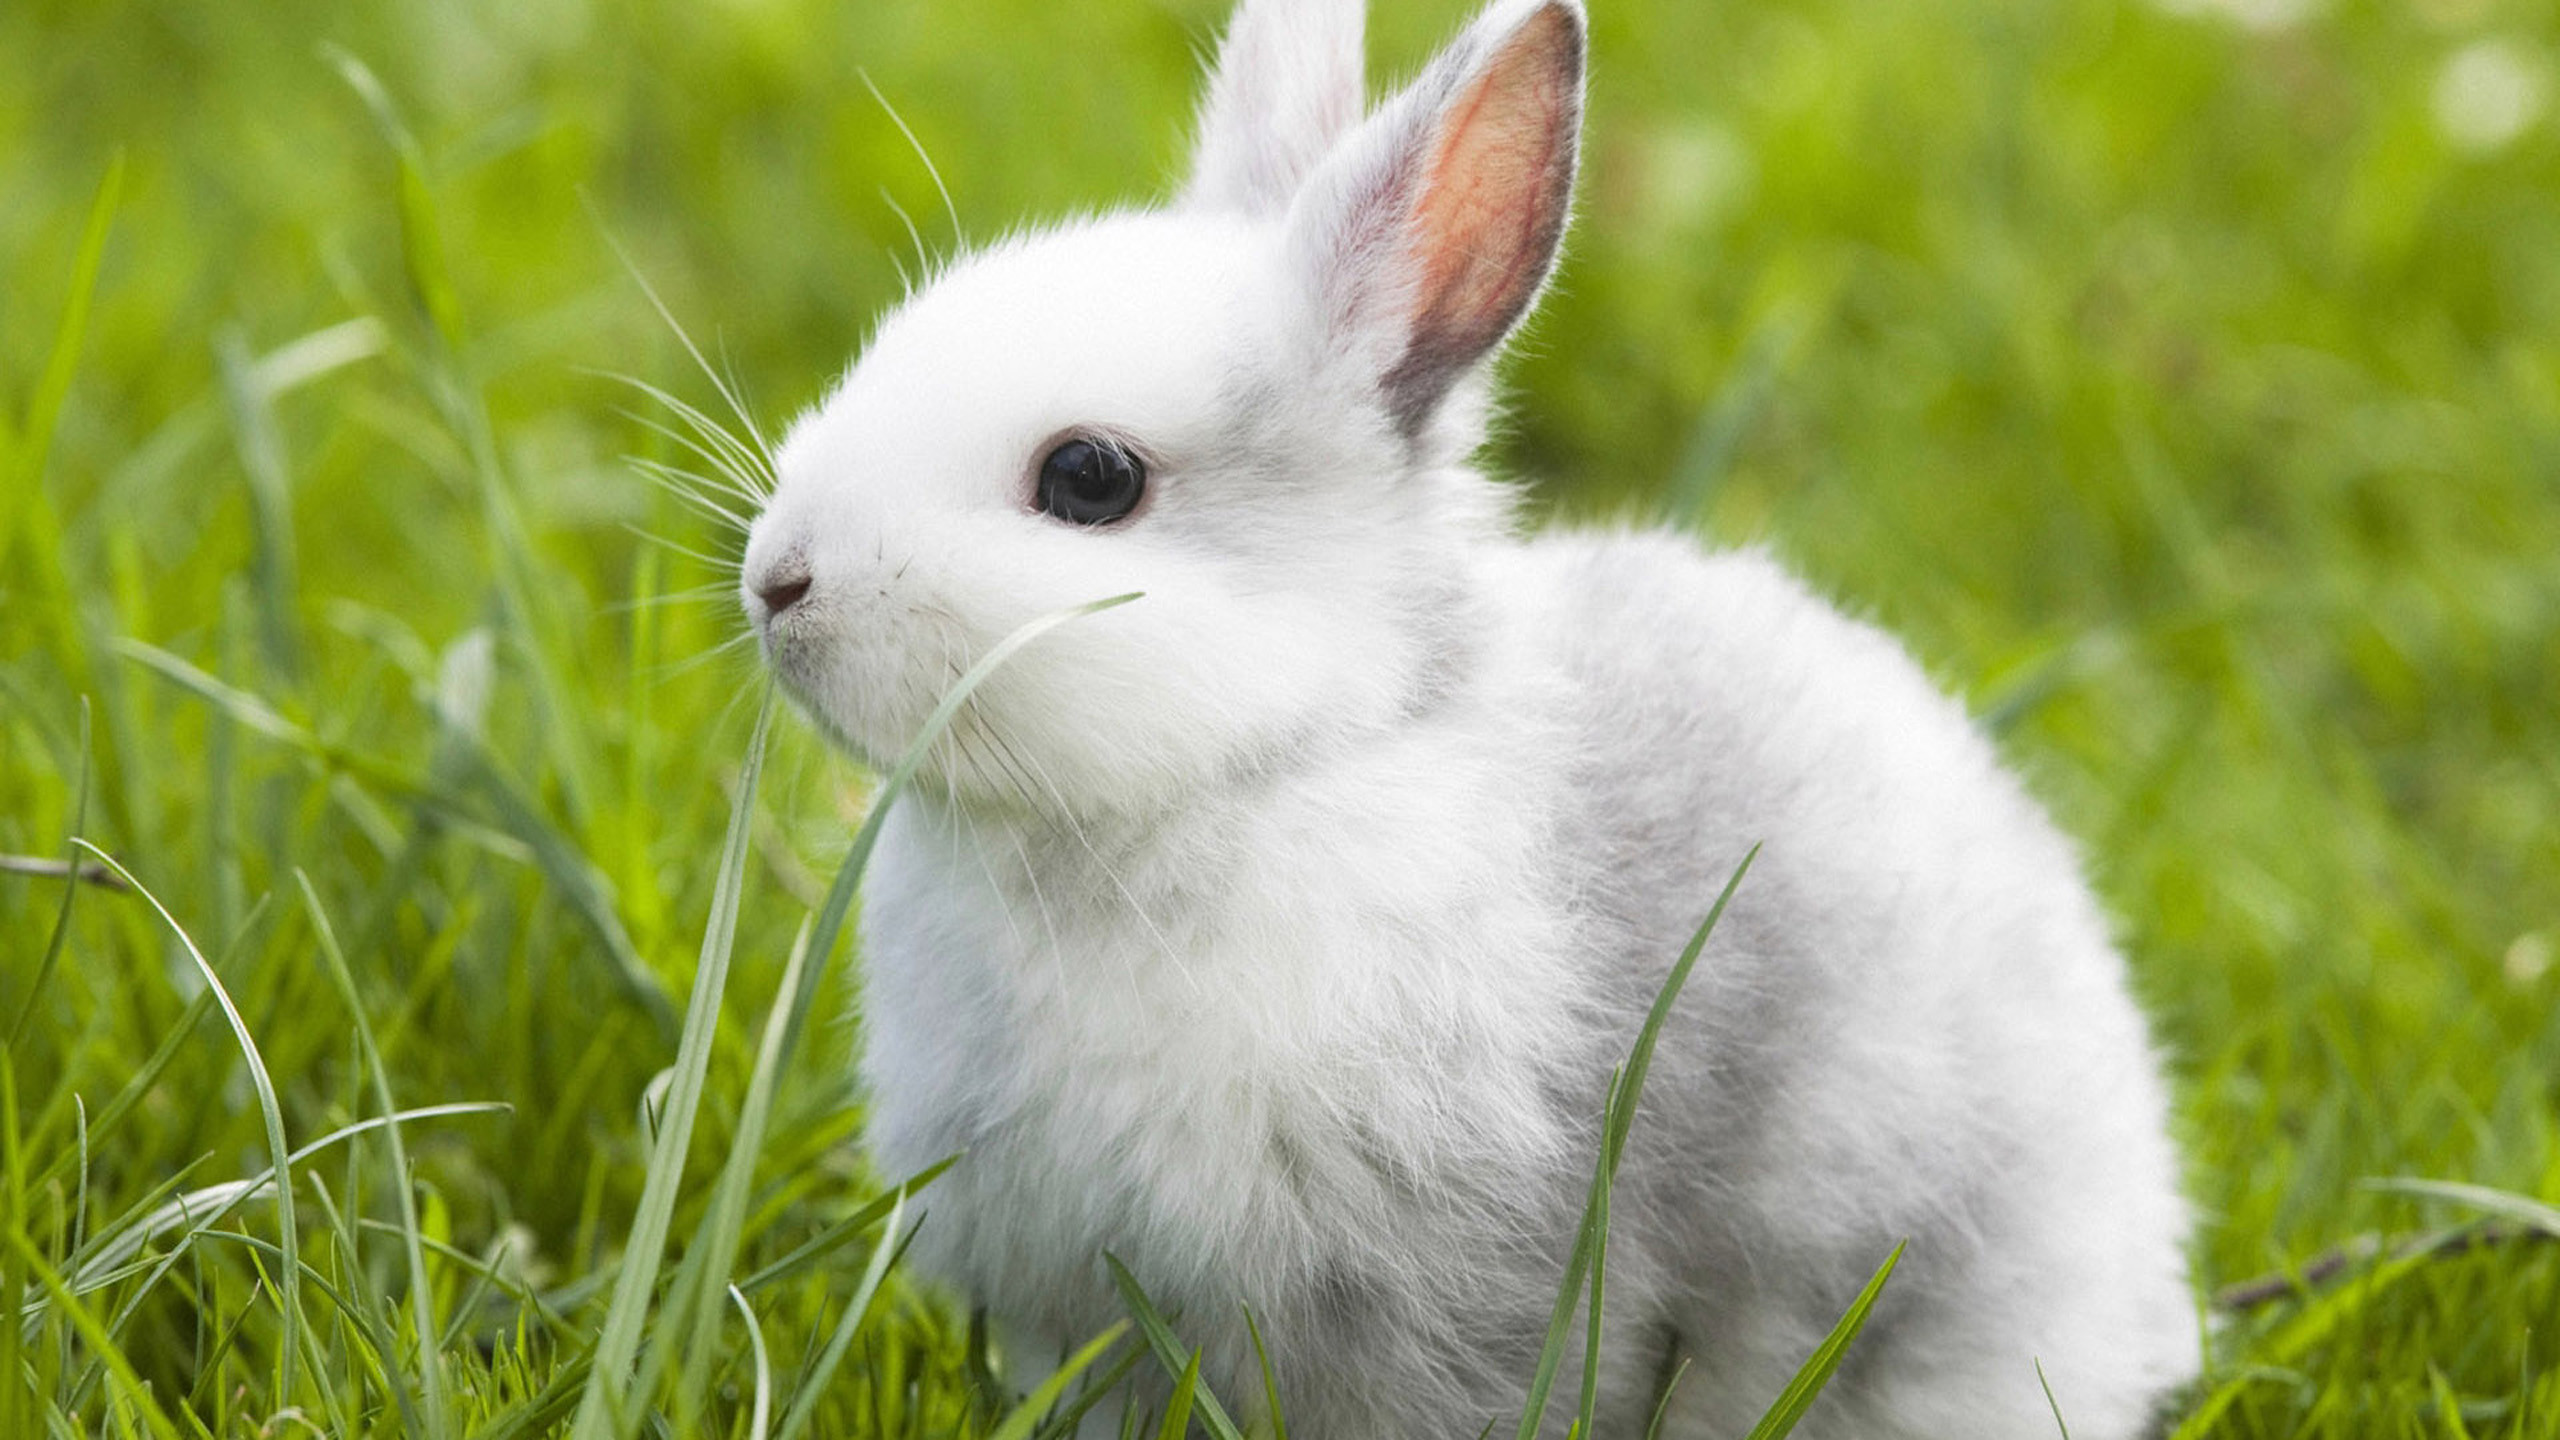 Cute White Rabbit Wallpapers For Desktop: White Rabbit Wallpaper (66+ Images